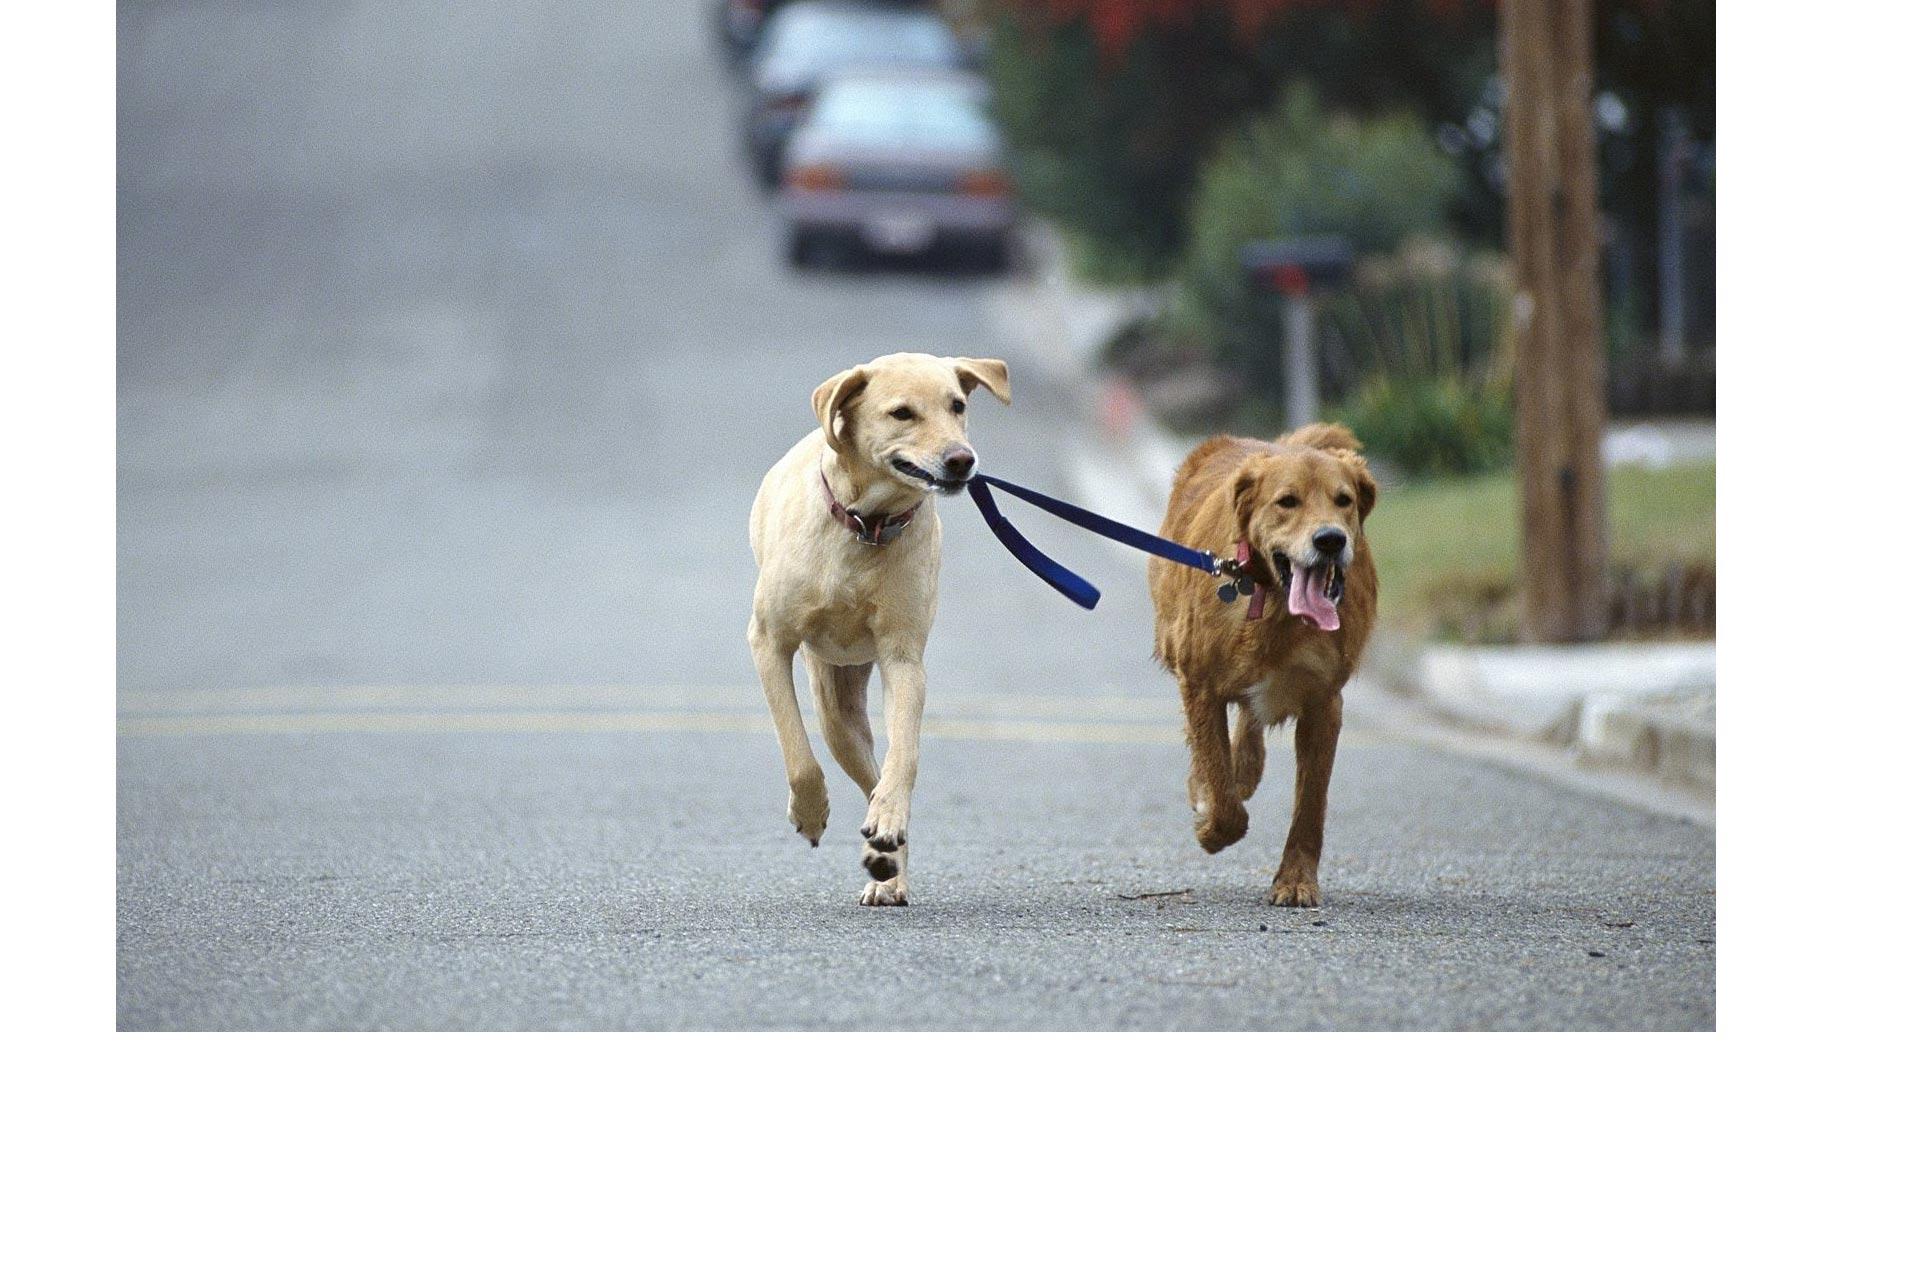 La obesidad también es un problema que aqueja a las mascotas; en ese sentido, la actividad física es importante